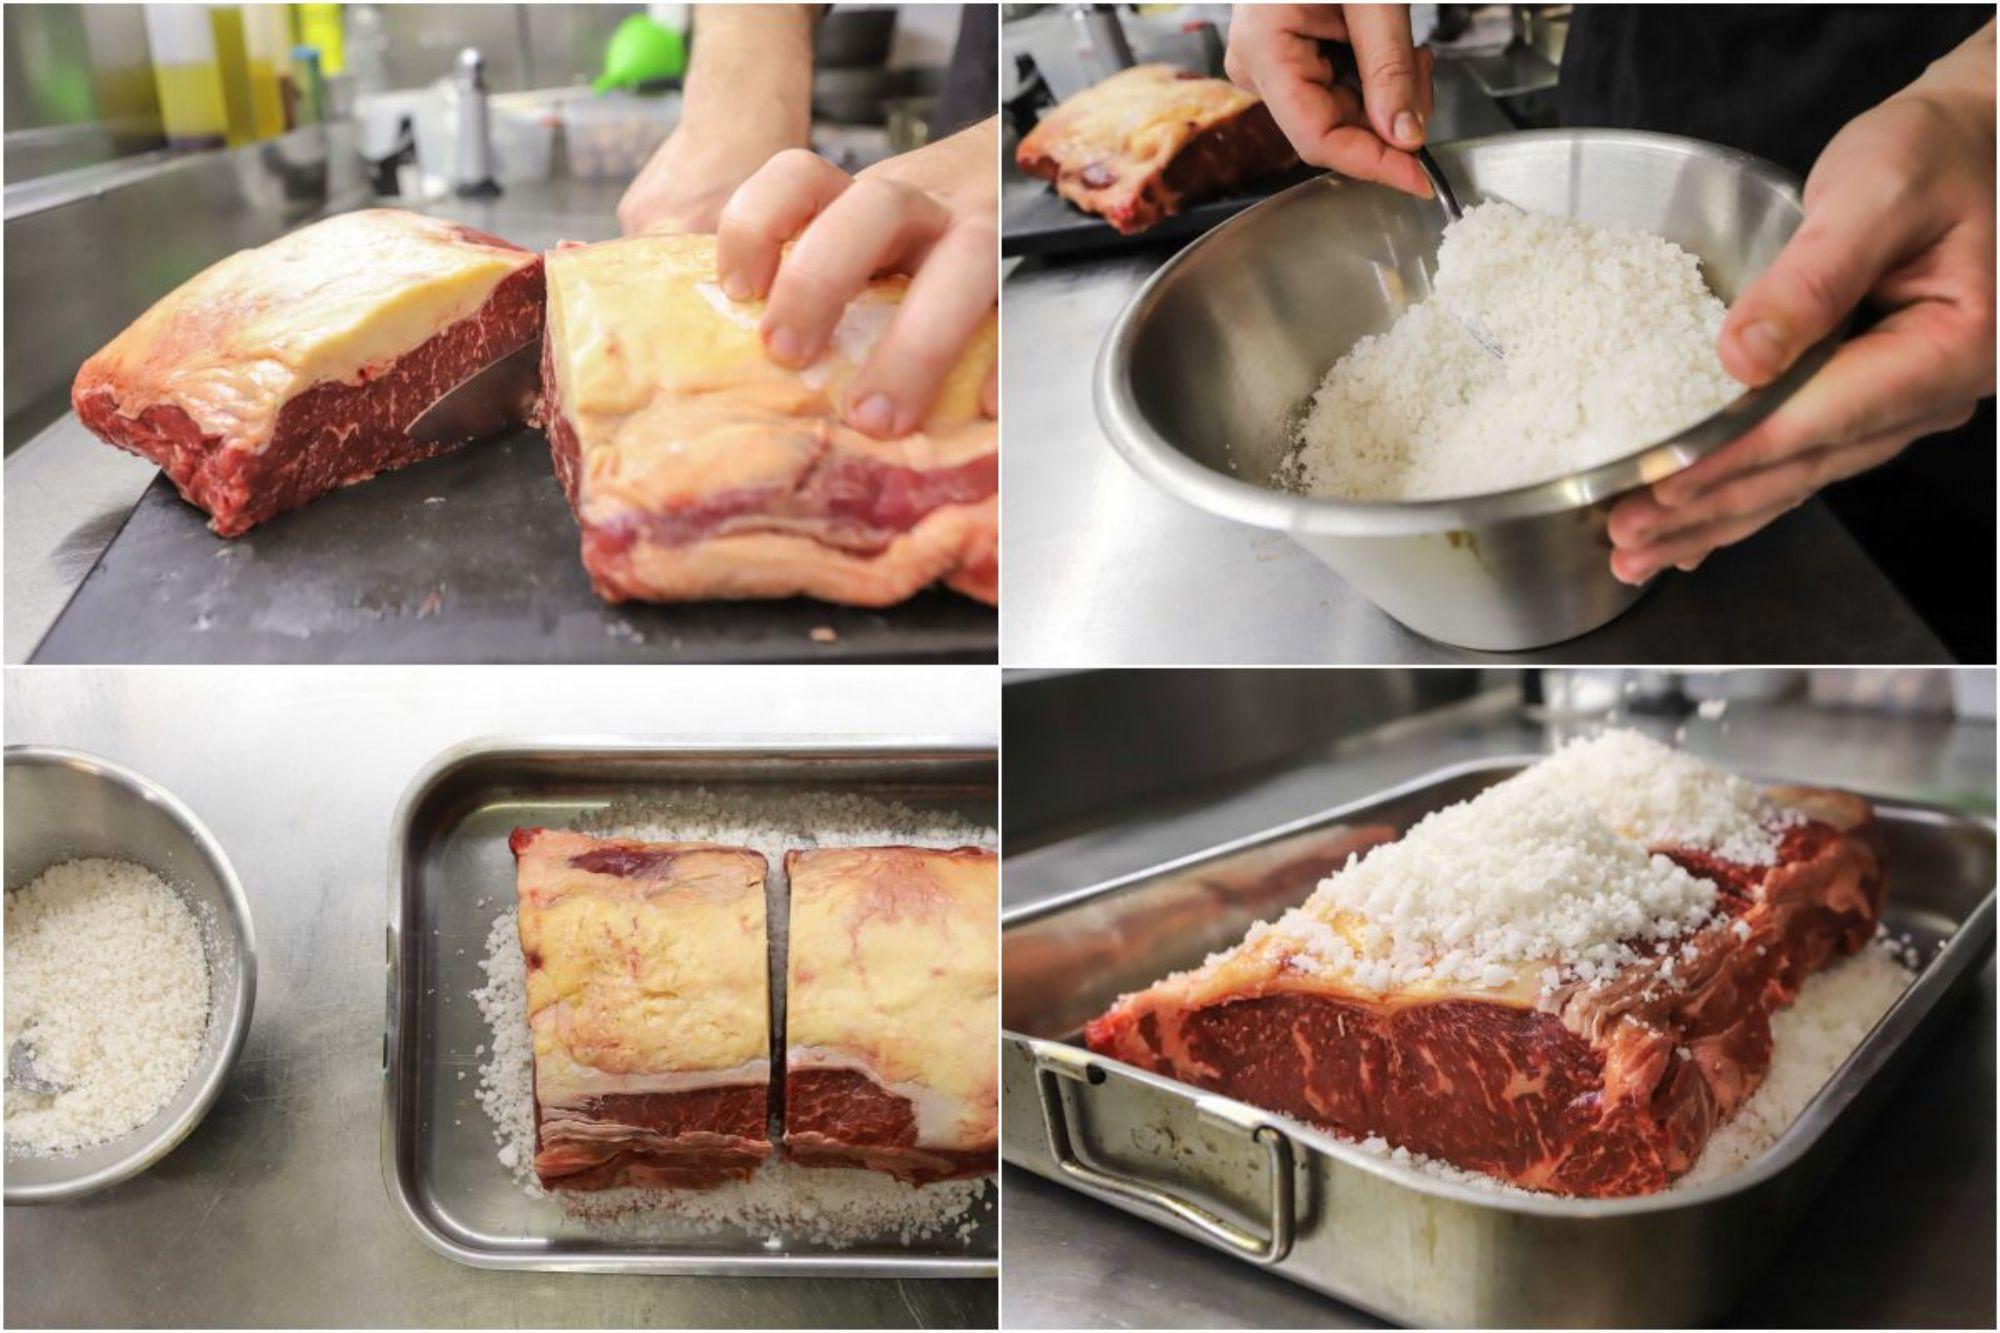 Preparando el tartar de presa ibérica: Se mete en sal y azúcar durante 12 horas para deshidratarlo.